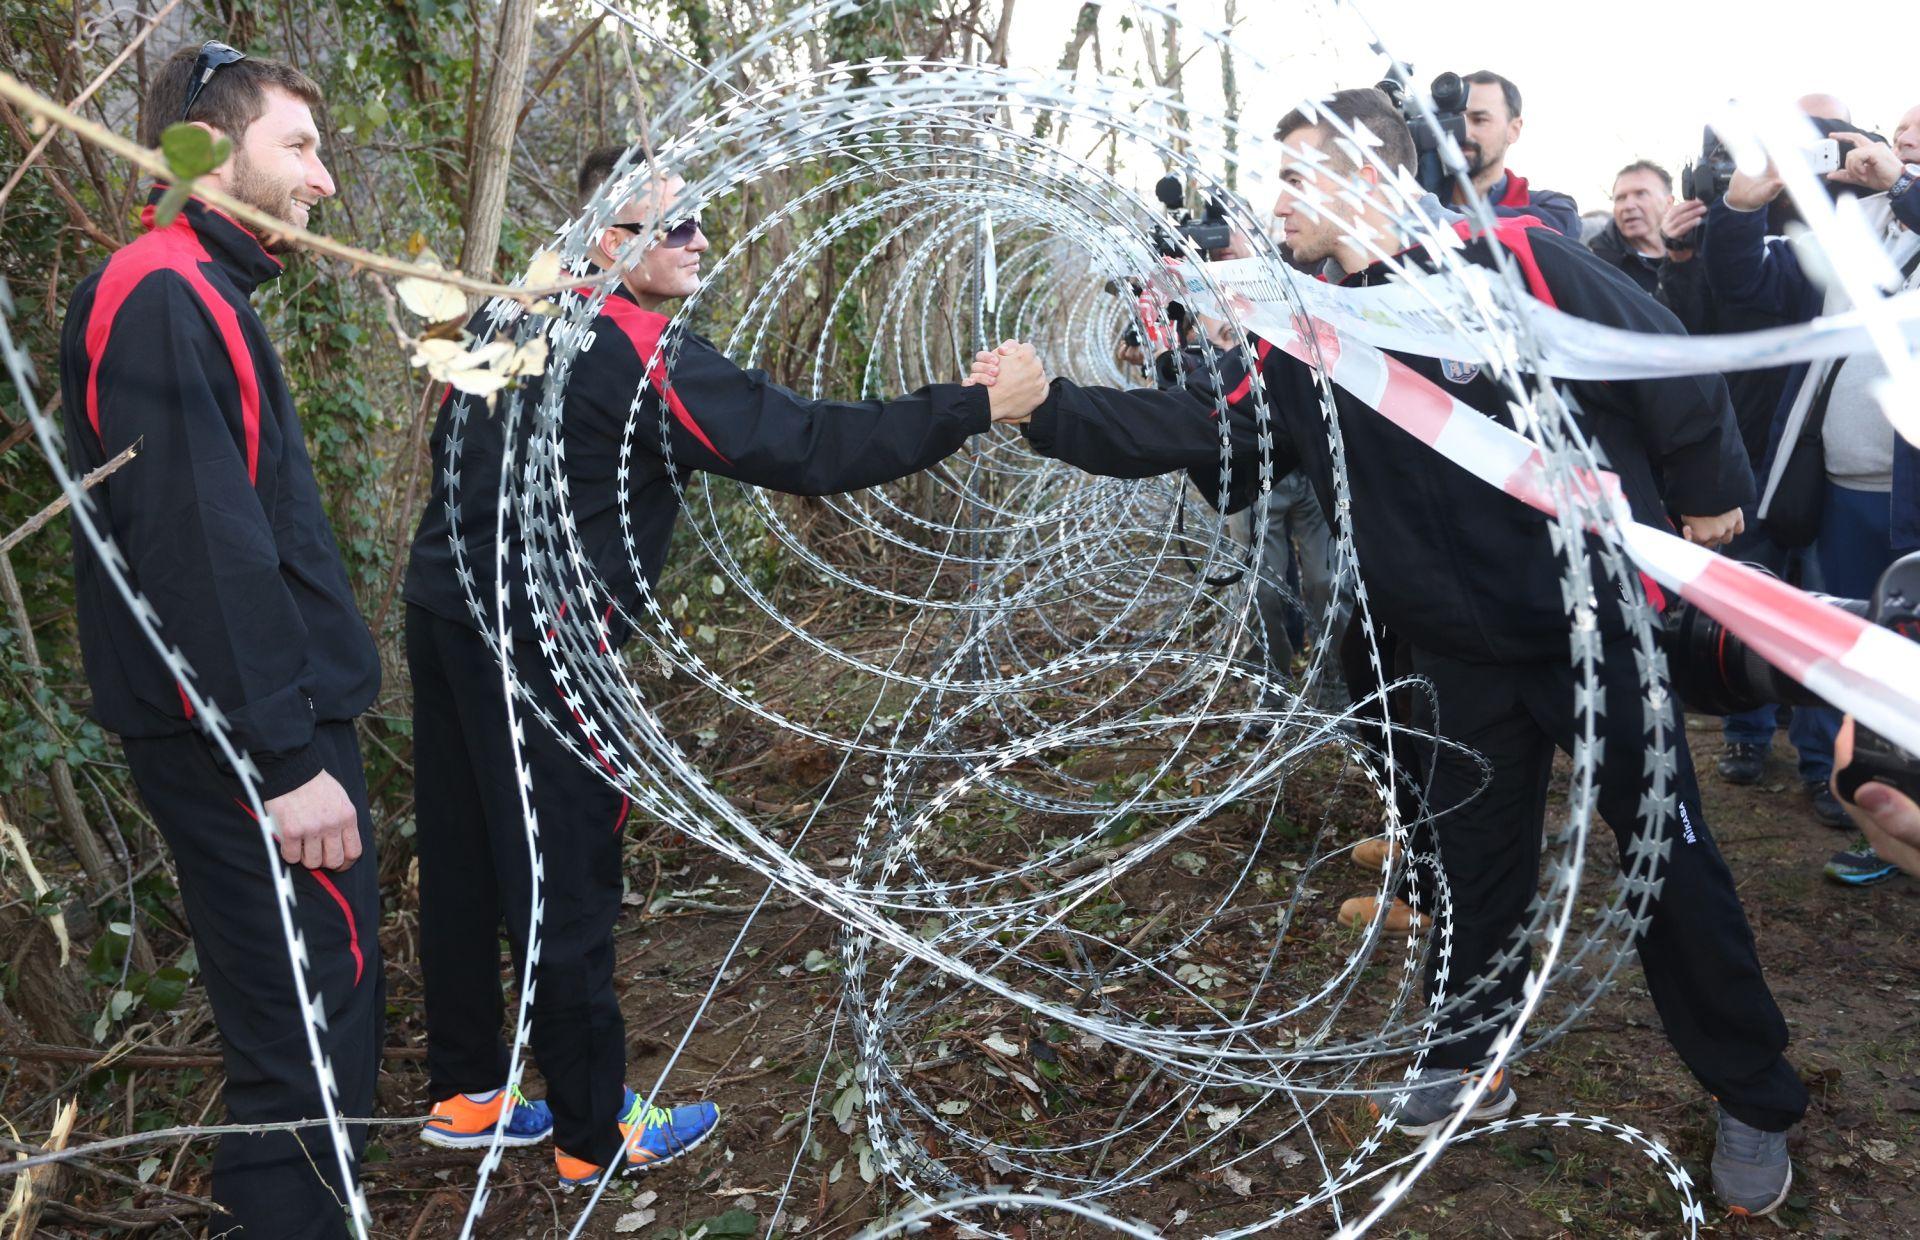 FOTO: ODBOJKA S OBJE STRANE ŽICE Sportaši poručili da su protiv žice na granici